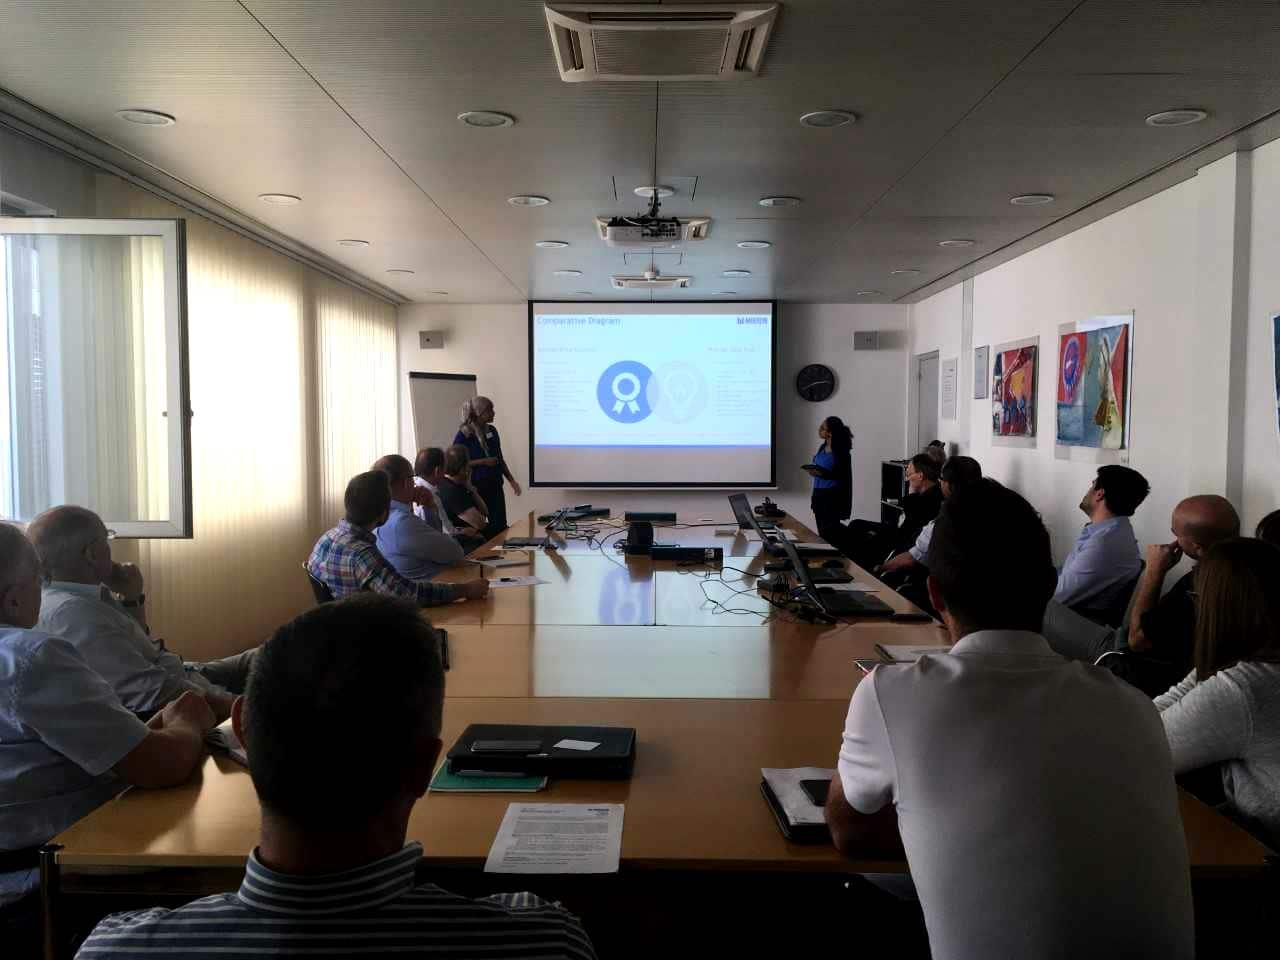 Mikron crowdsourcing presentation